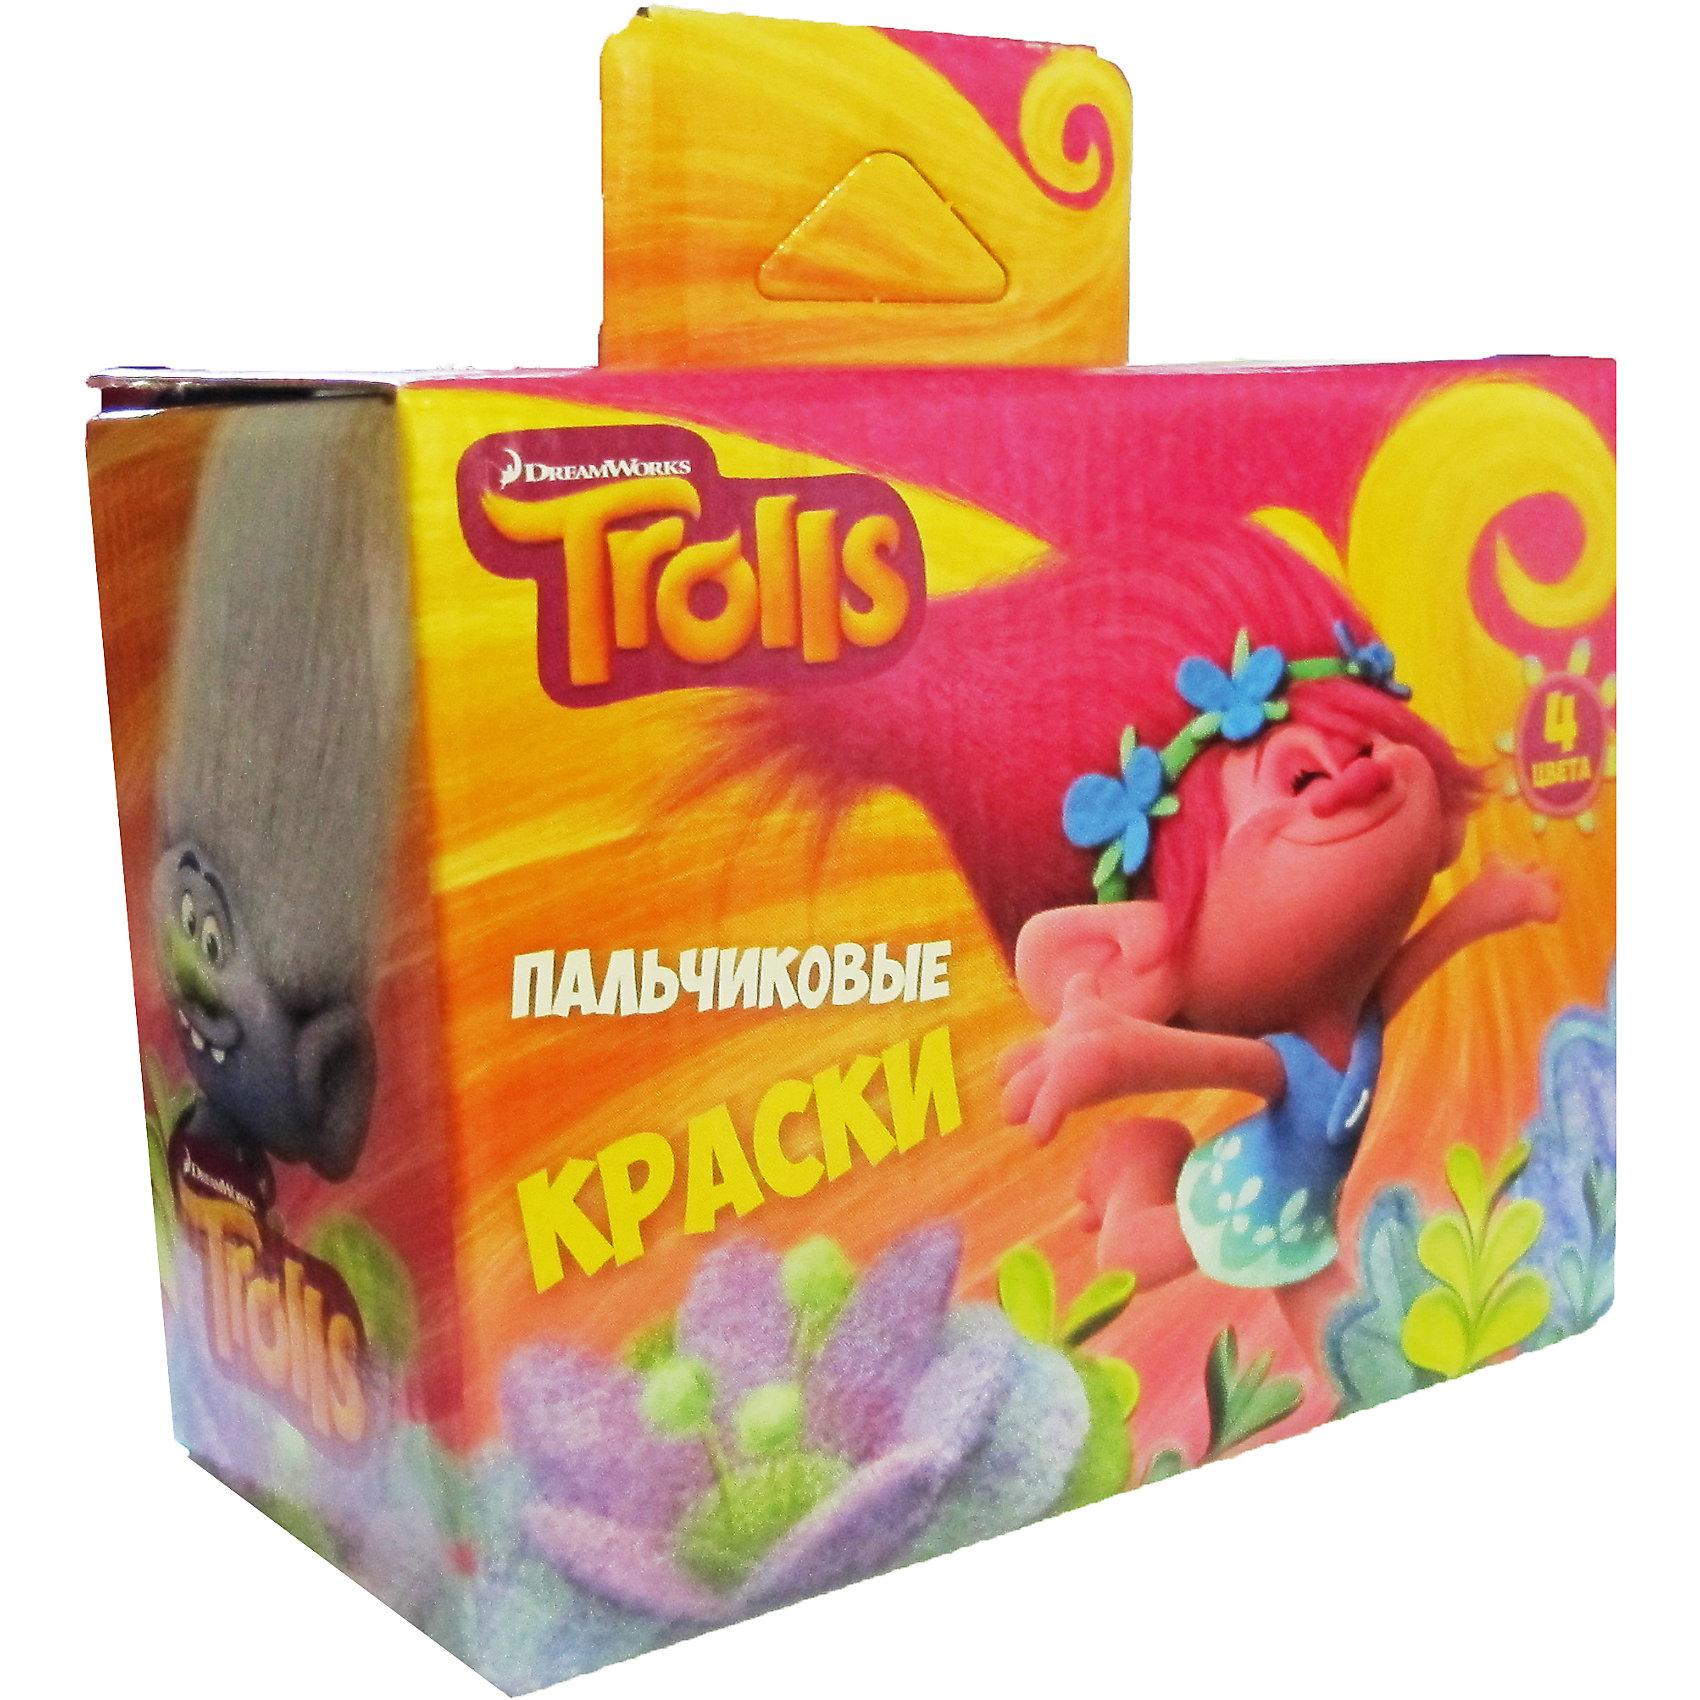 Набор пальчиковых красок Тролли, 4 цвета * 40 мл.Тролли<br>Набор пальчиковых красок Тролли, 4 цвета*40 мл., Centrum (Центрум)<br><br>Характеристики<br>• яркие цвета<br>• безопасны для ребенка<br>• в комплекте: краска 4 цвета (красный, желтый, зеленый, синий) по 40 мл<br>• размер упаковки: 7х14,5х14,5 см<br>• материал: полимер, краситель пластик<br><br>Рисование пальчиковыми красками подходит и малышам, и более старшим детям. Юный художник сможет рисовать кисточкой, руками или пальчиками. Краски полностью безопасны для ребенка, хорошо наносятся и стираются с любой поверхности. А забавная Розочка вдохновит вашего малыша на создание новых красочных рисунков!<br><br>Набор пальчиковых красок Тролли, 4 цвета*40 мл., Centrum (Центрум) вы можете купить в нашем интернет-магазине.<br><br>Ширина мм: 70<br>Глубина мм: 145<br>Высота мм: 145<br>Вес г: 200<br>Возраст от месяцев: 36<br>Возраст до месяцев: 144<br>Пол: Унисекс<br>Возраст: Детский<br>SKU: 5044924